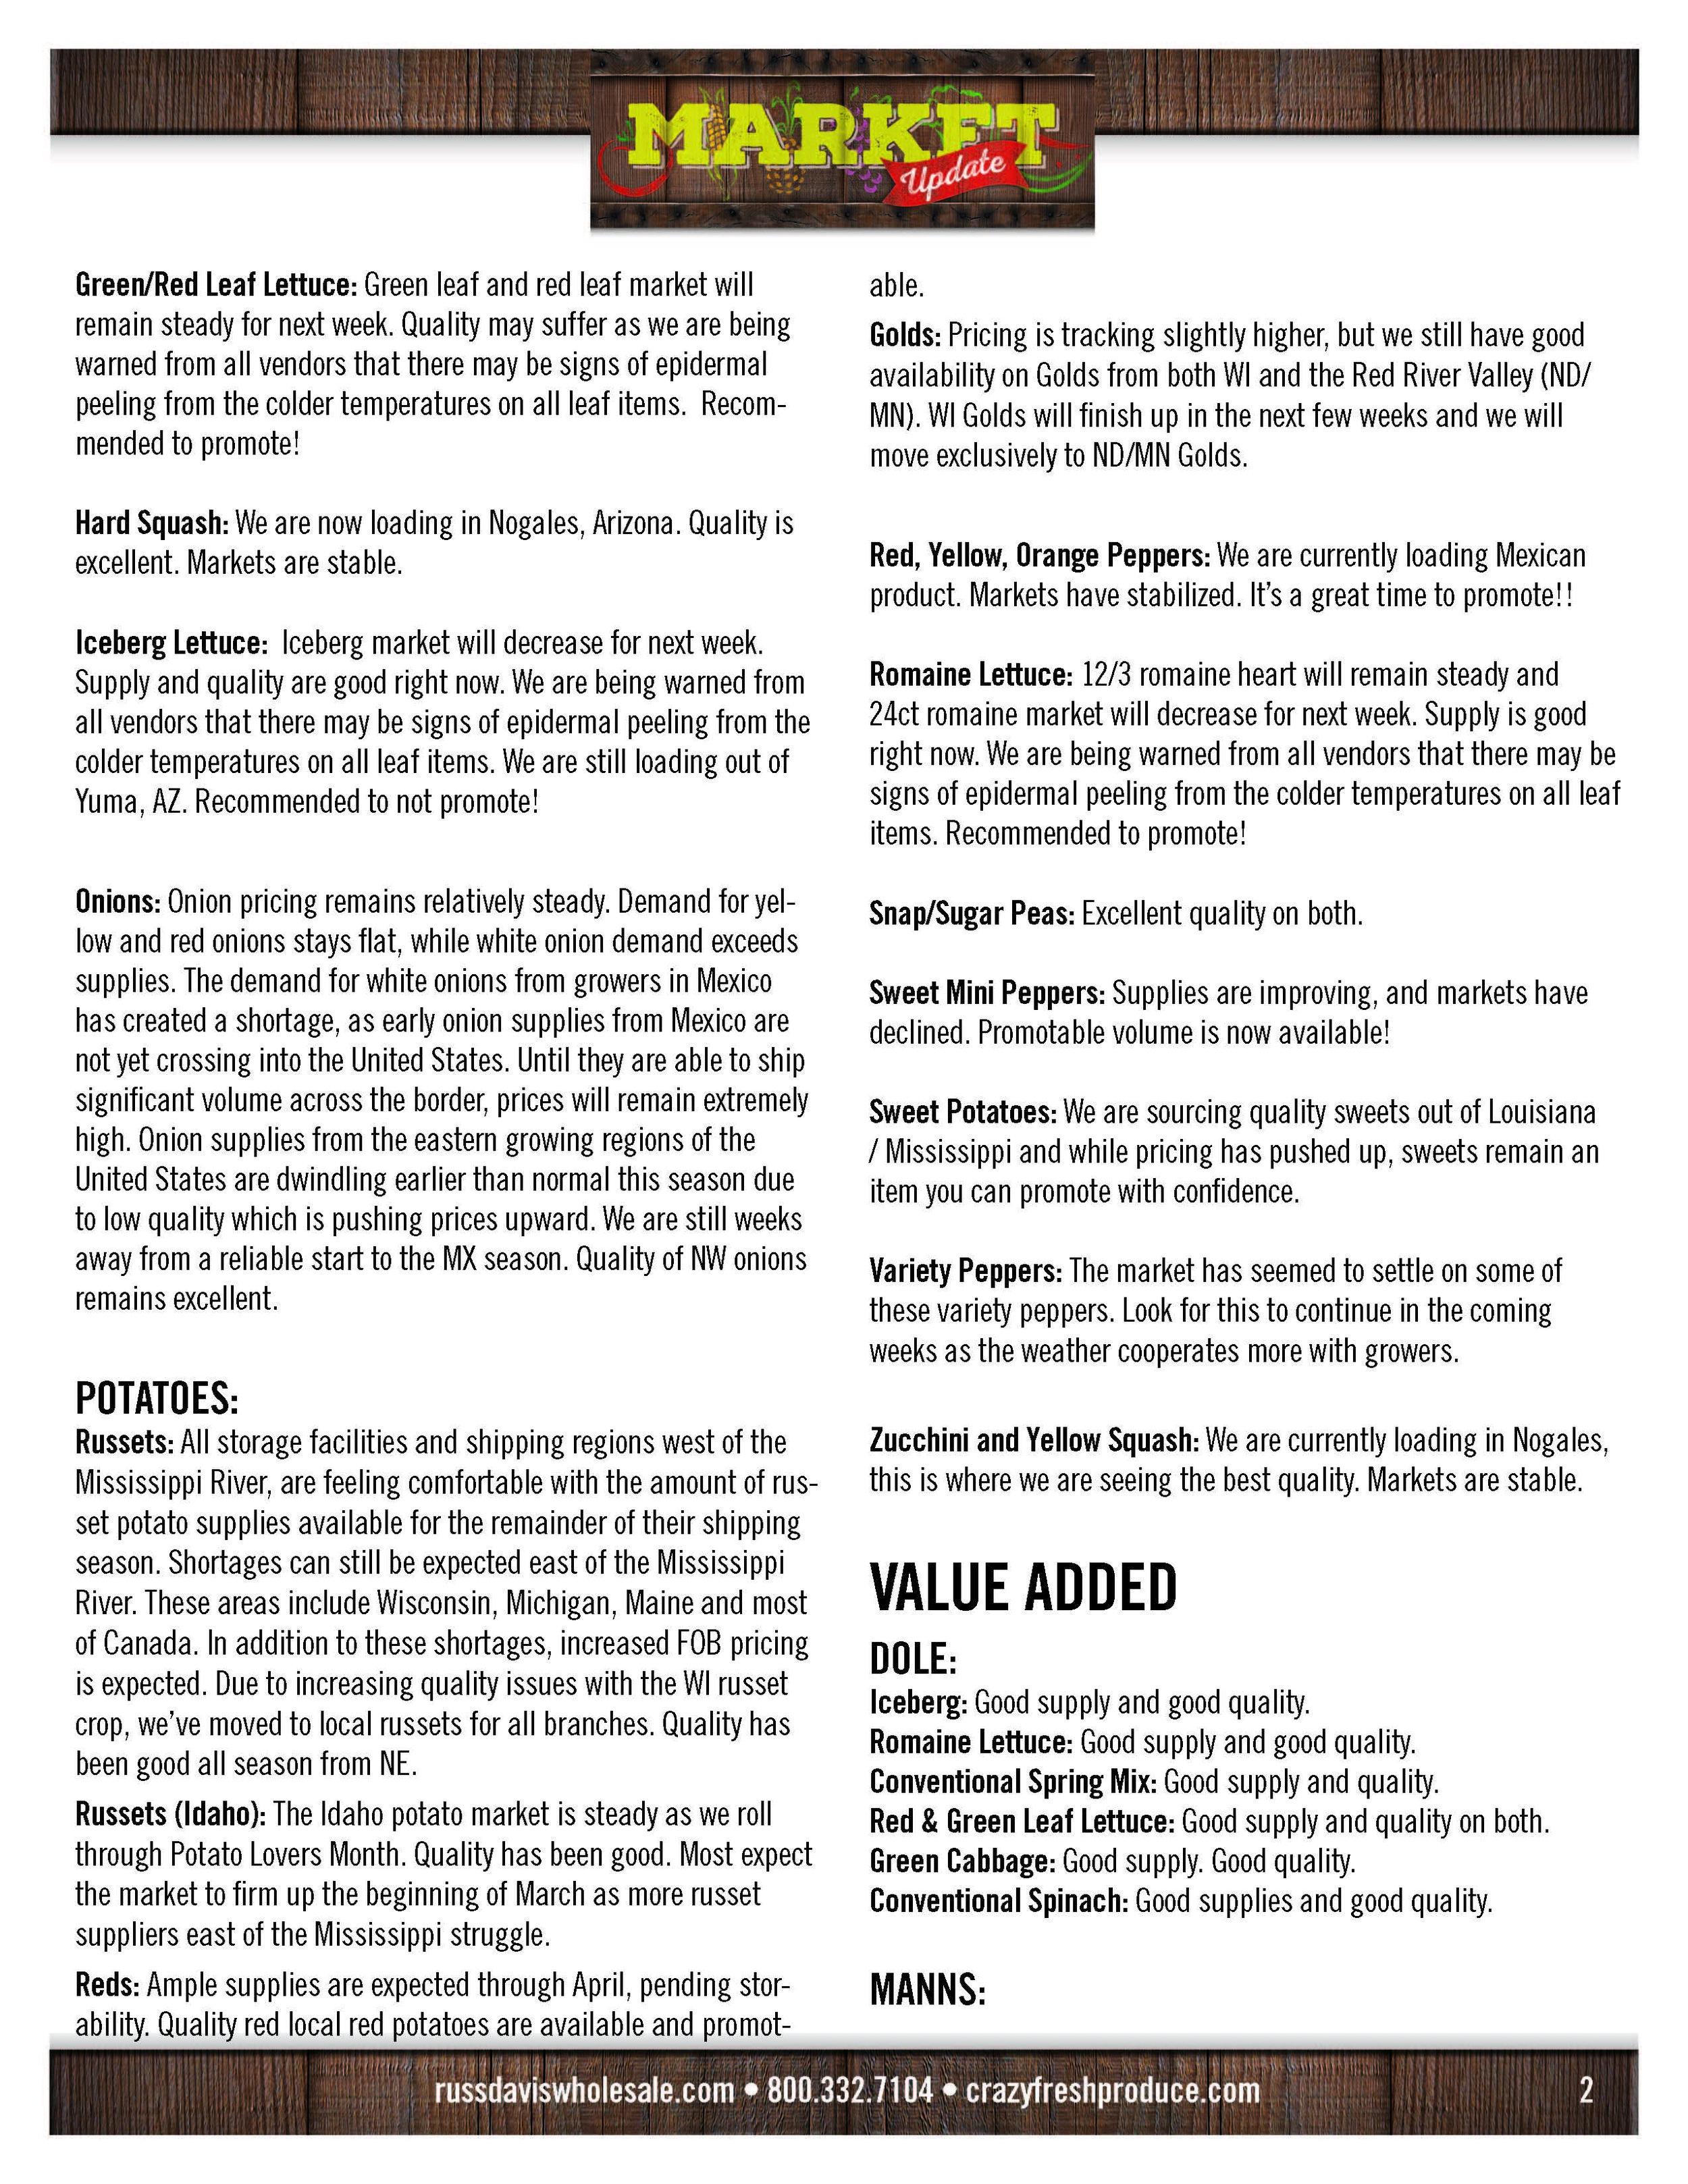 RDW_Market_Update_Feb14_19_Page_2.jpg